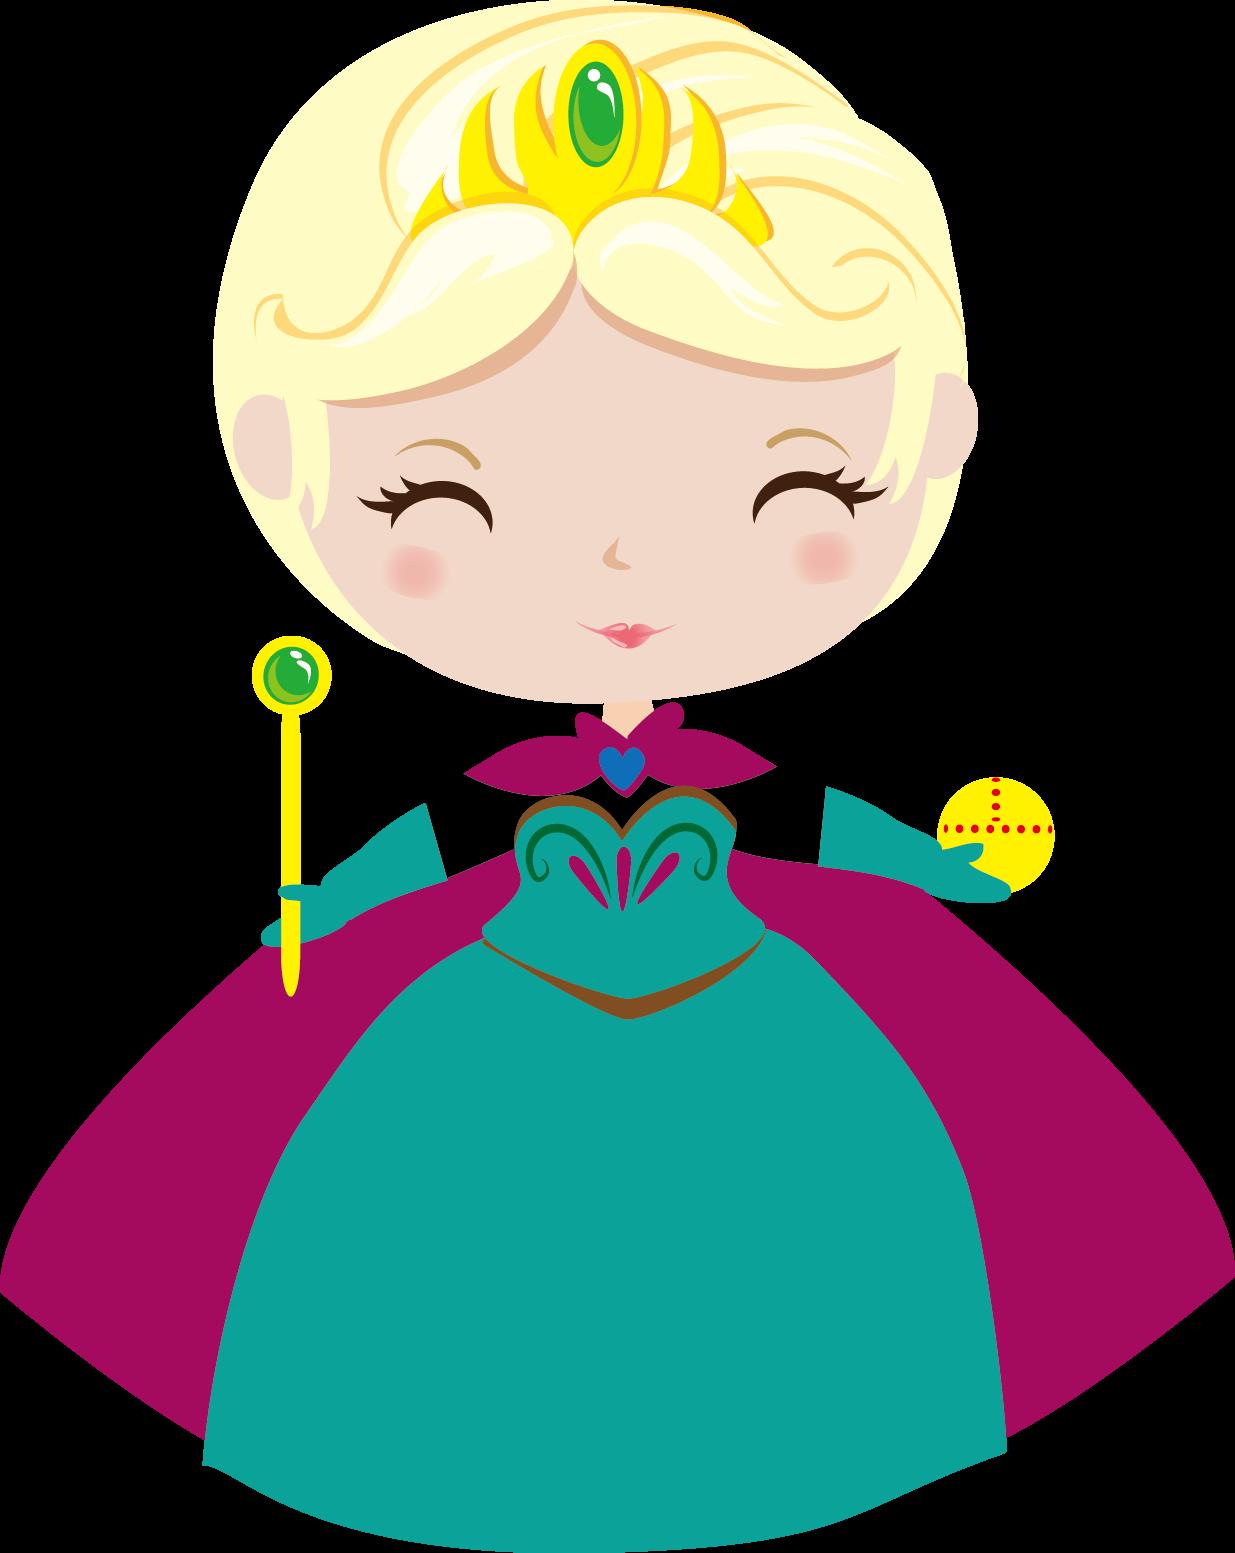 Frozen clipart tiara. Preparativos para o anivers